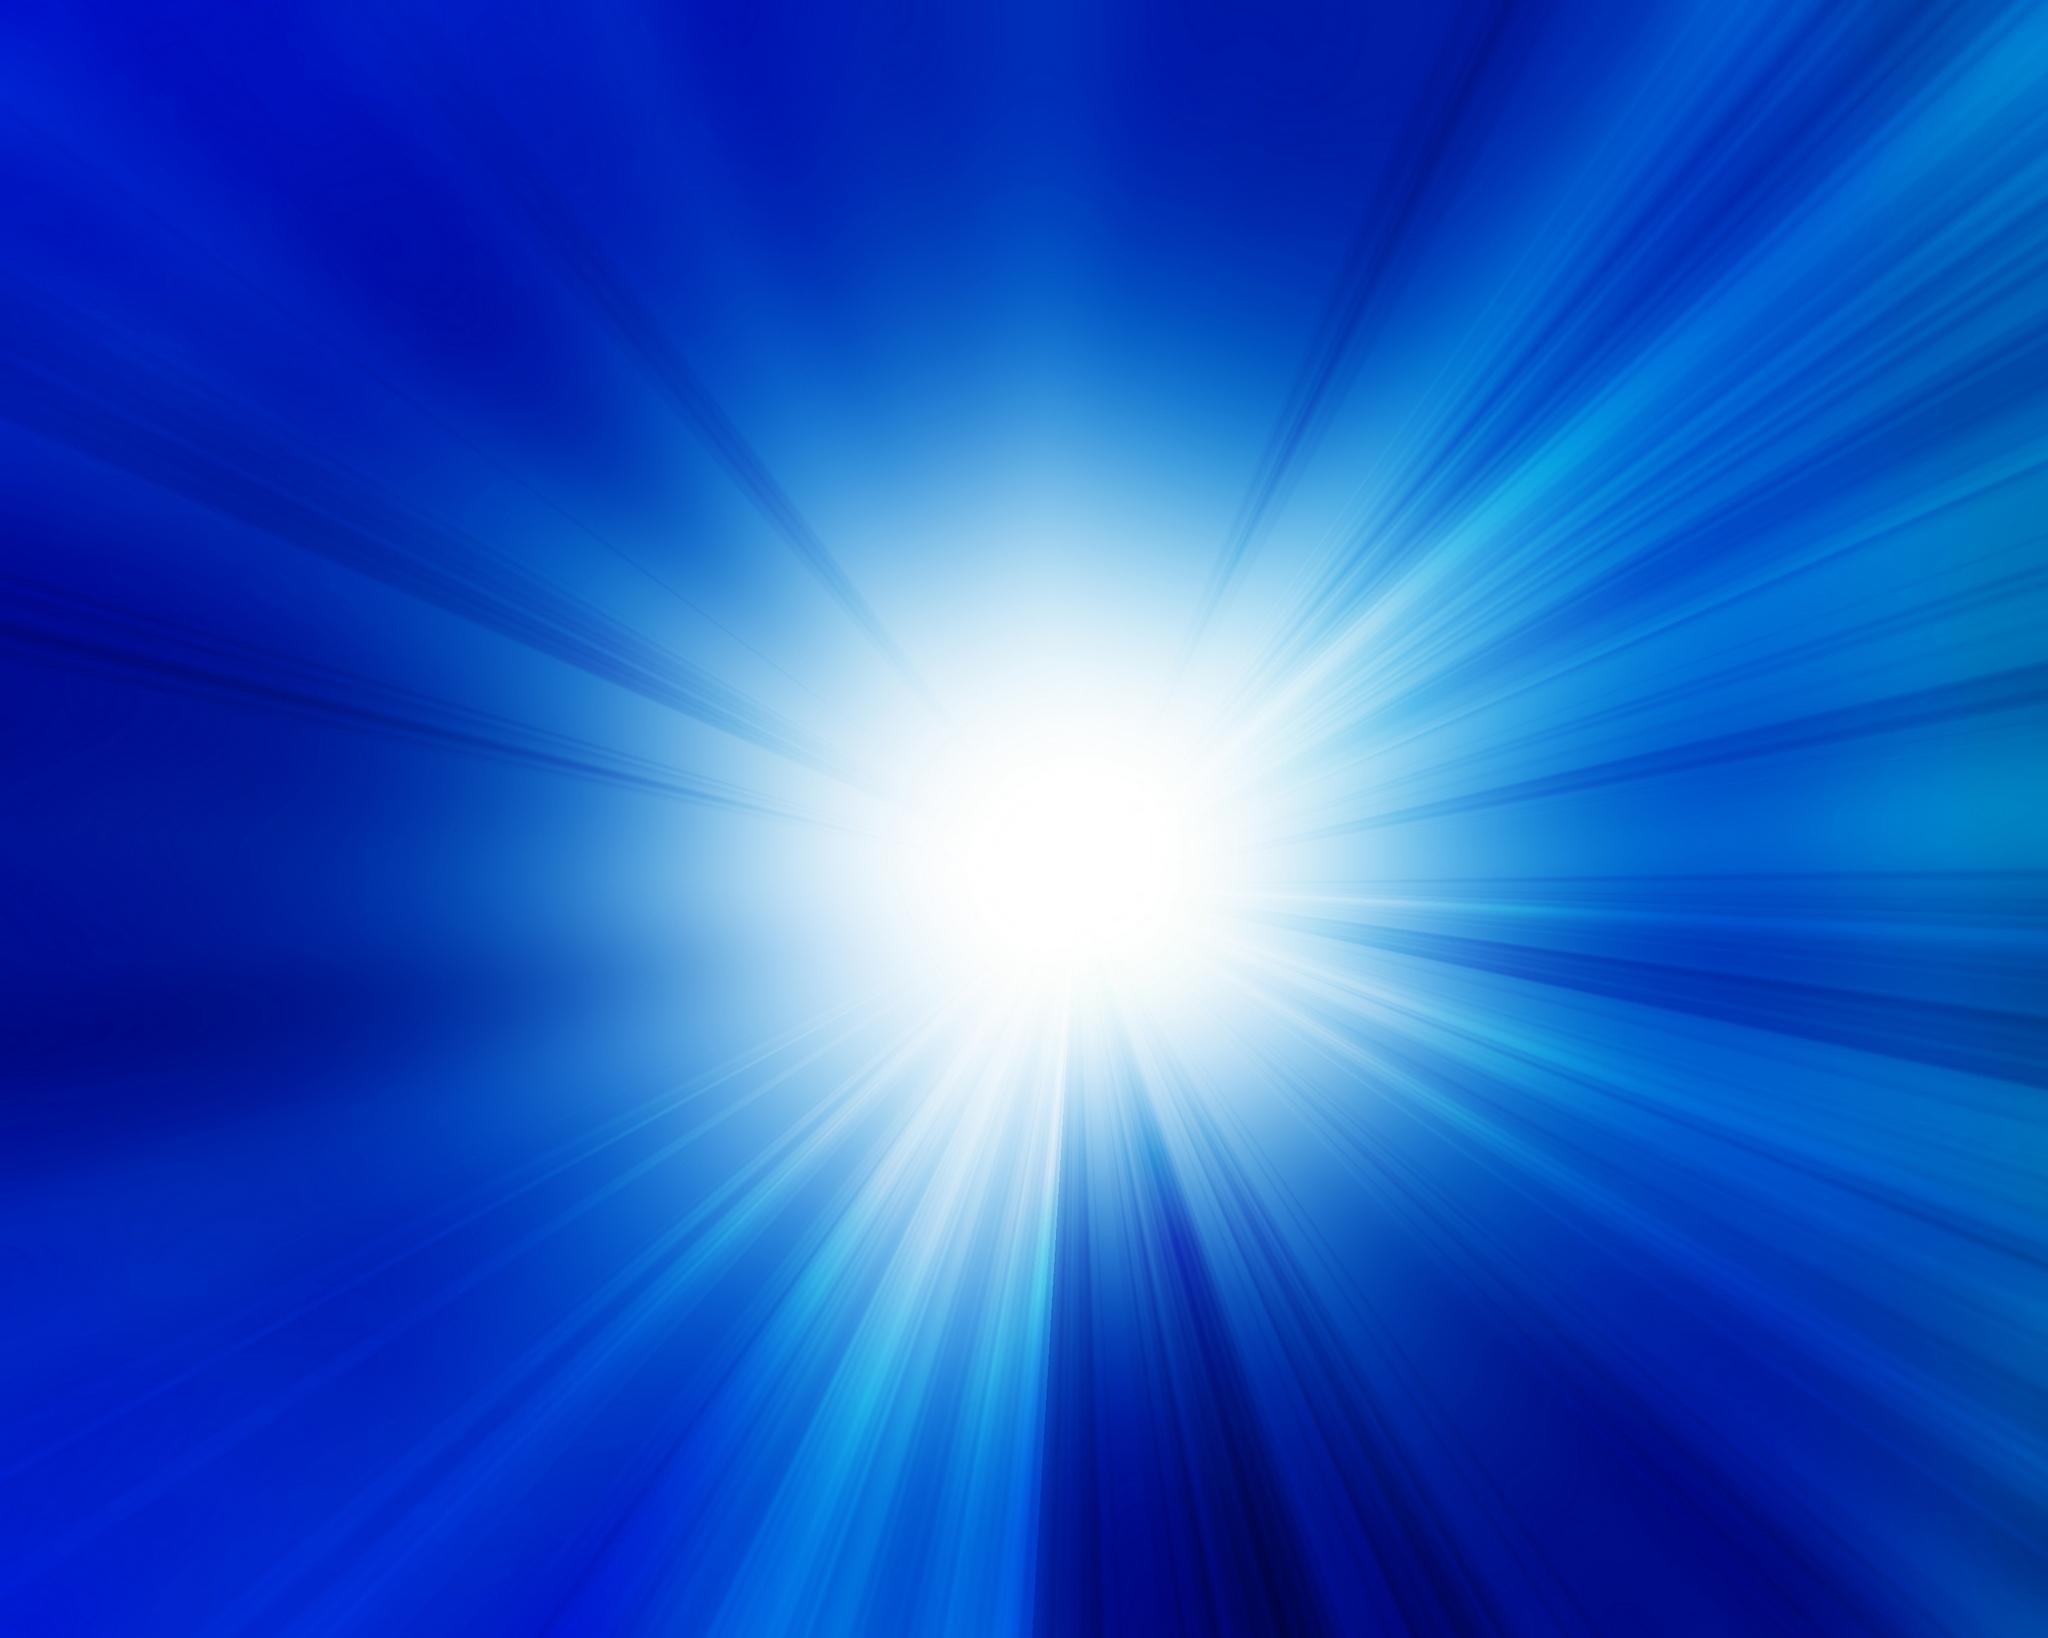 Blue Blue digital sky